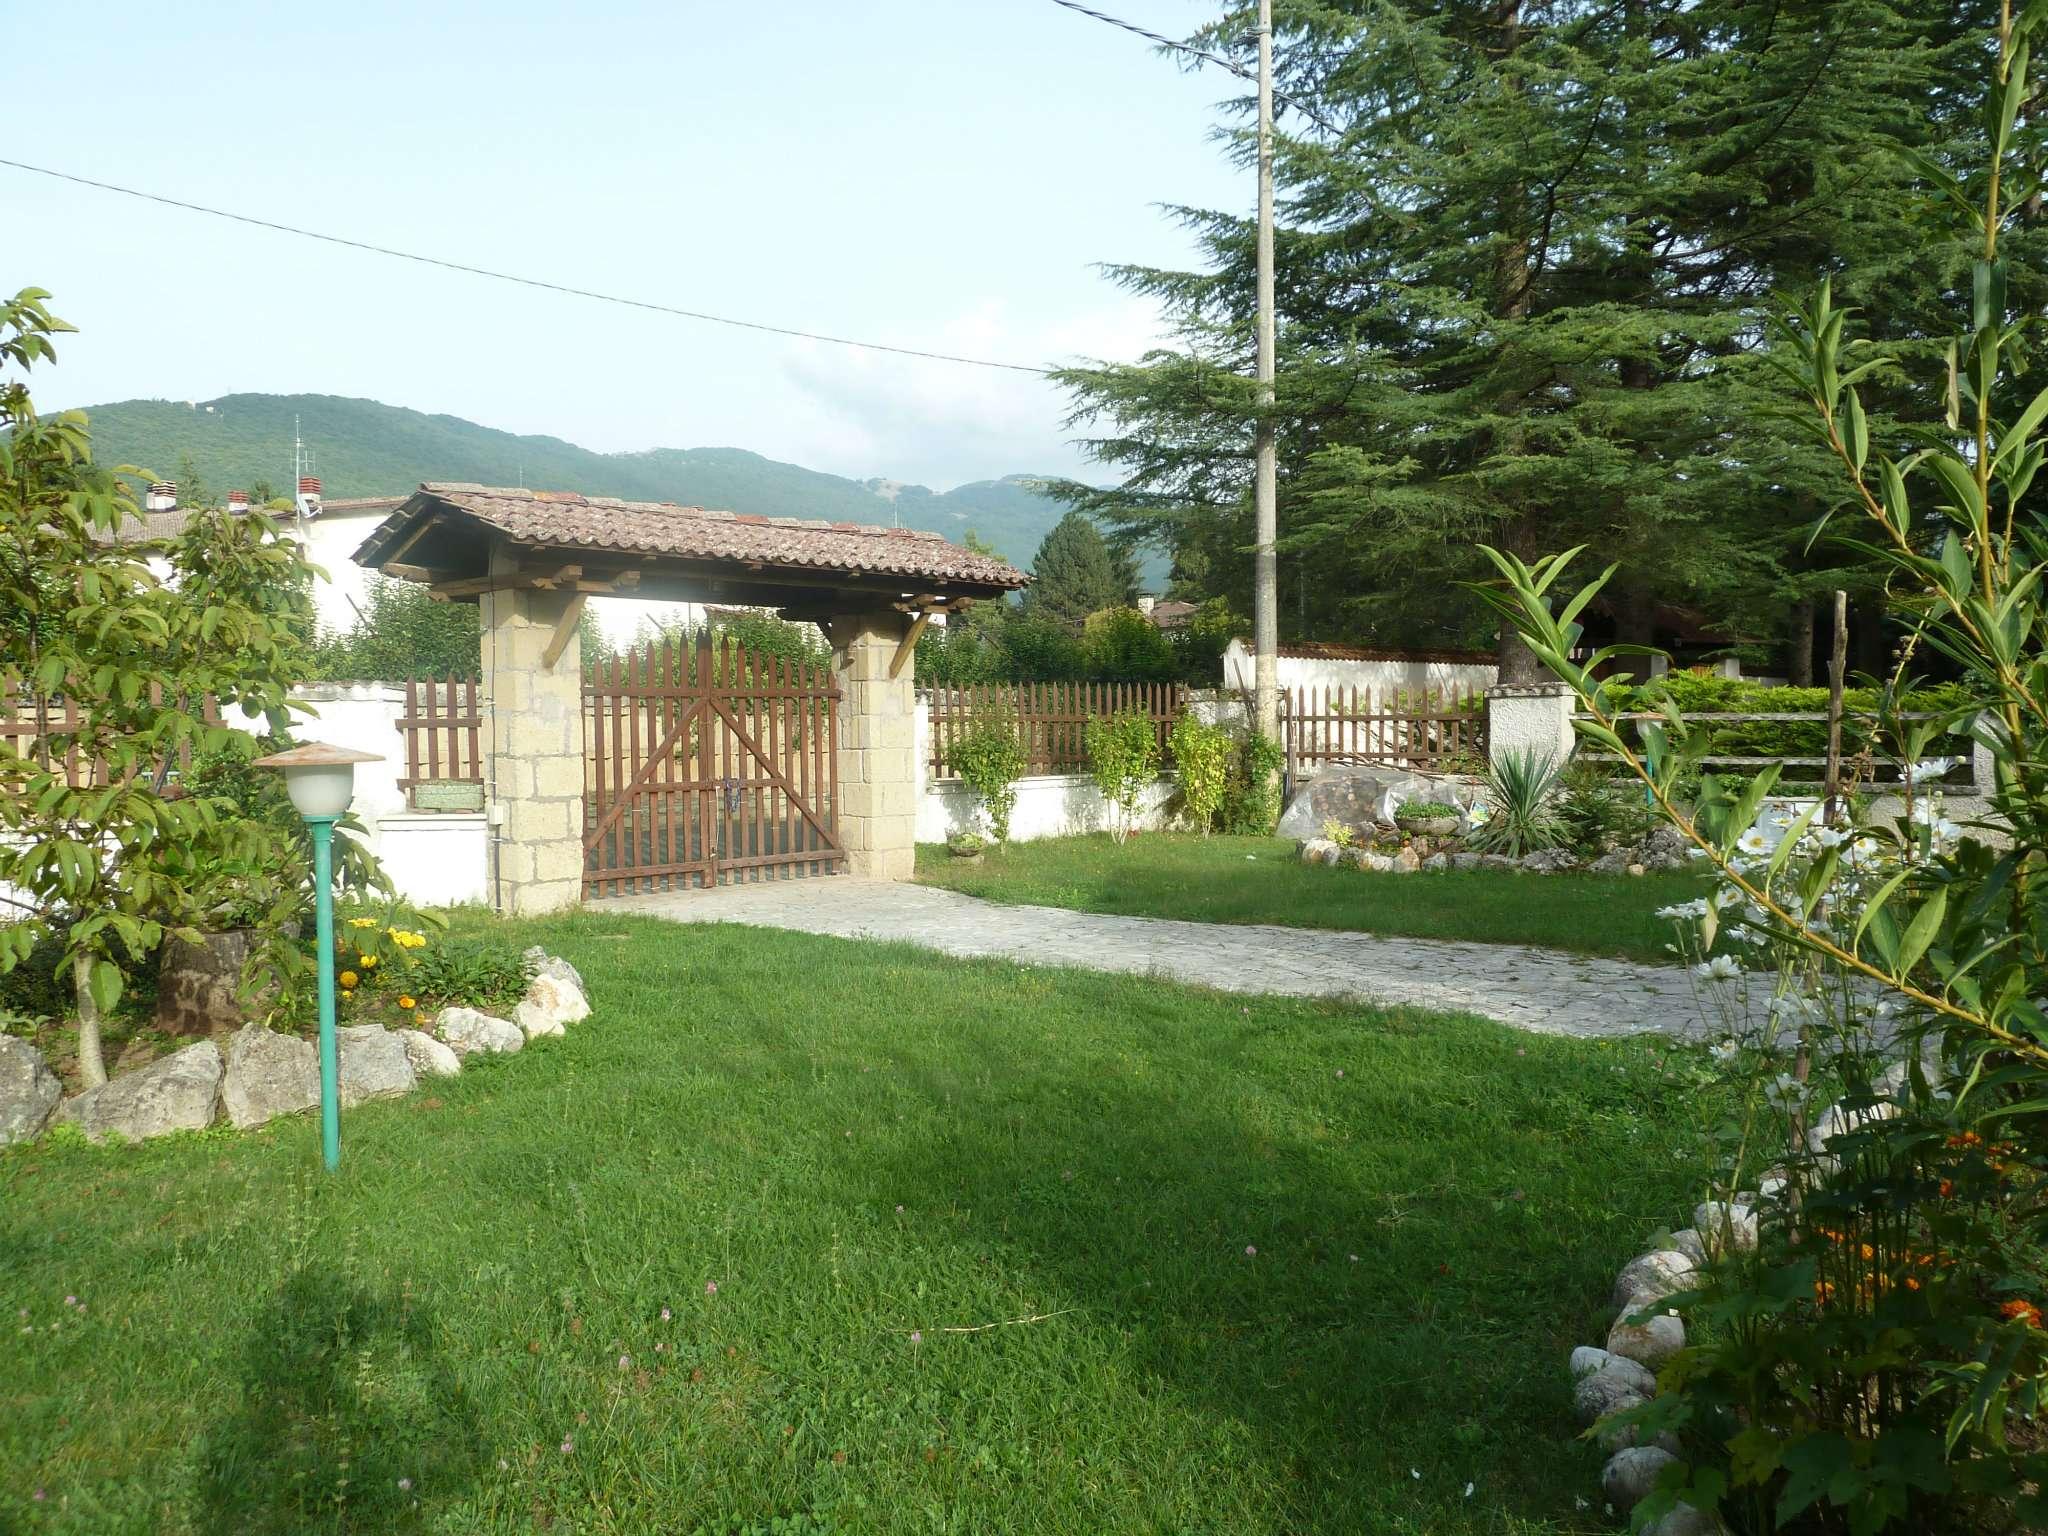 Soluzione Indipendente in vendita a Rocca di Botte, 5 locali, prezzo € 150.000 | Cambio Casa.it